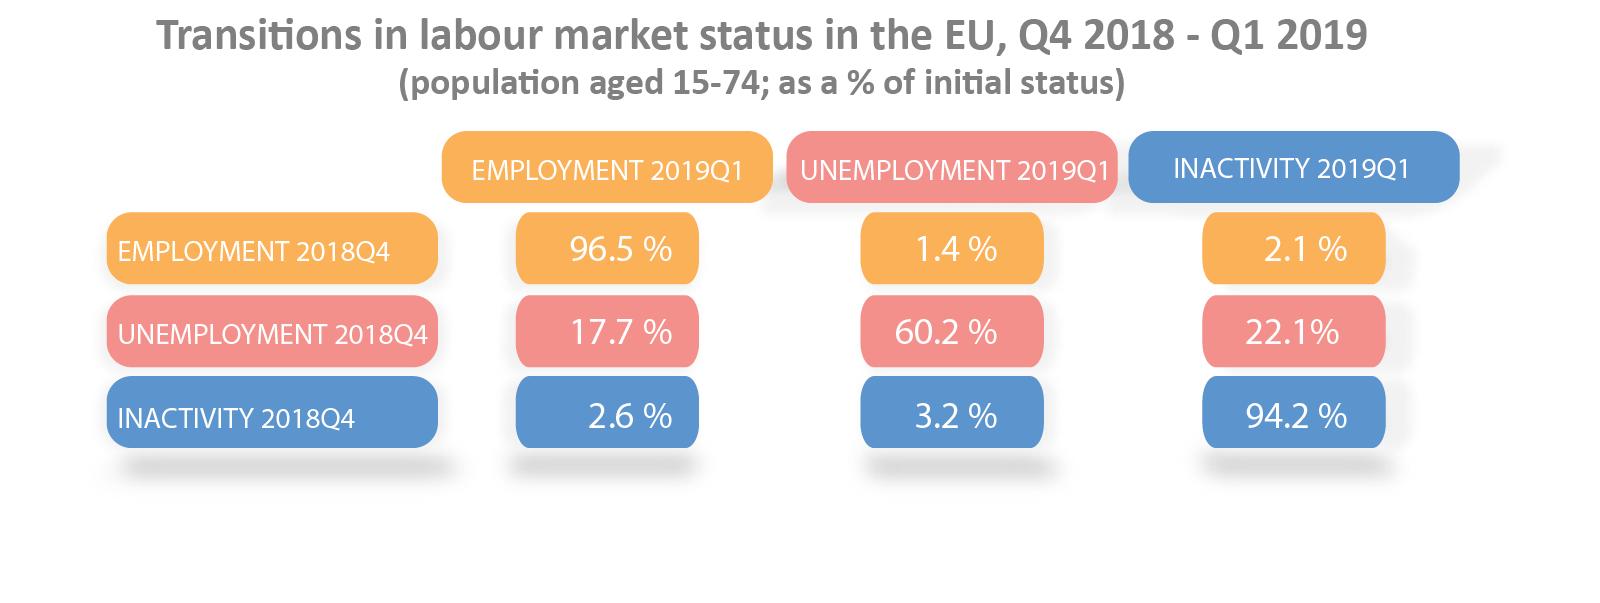 Labour market transition matrix for Q4 2018 to Q1 2019